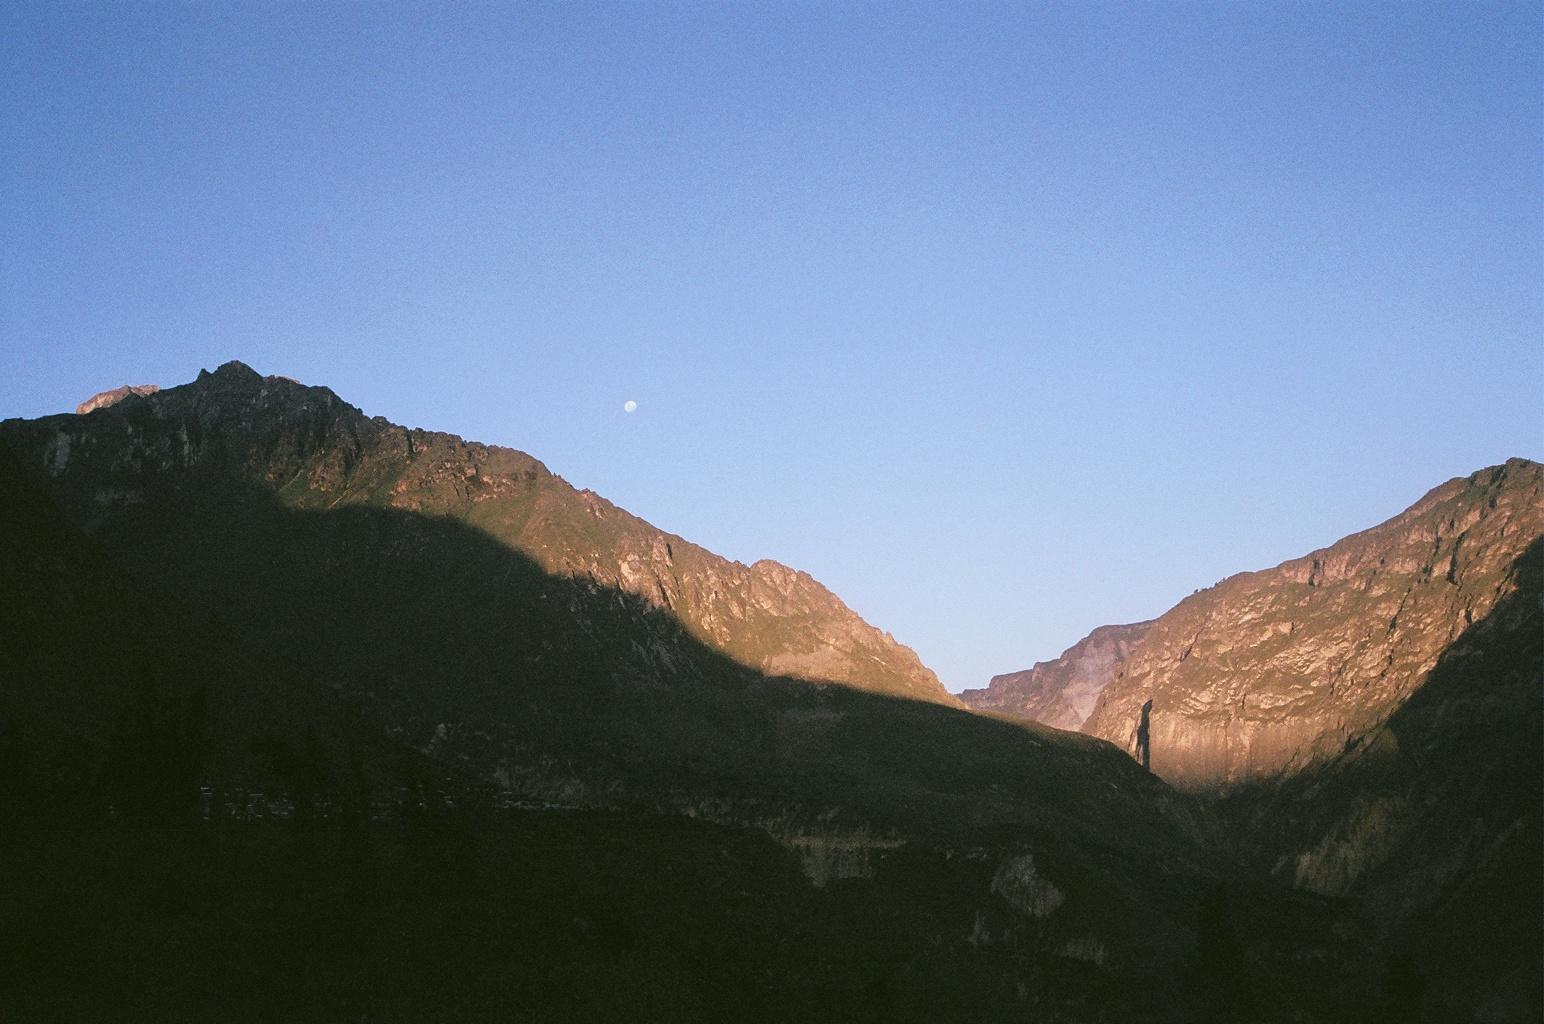 Chivay, Peru. 35mm film, 2014.